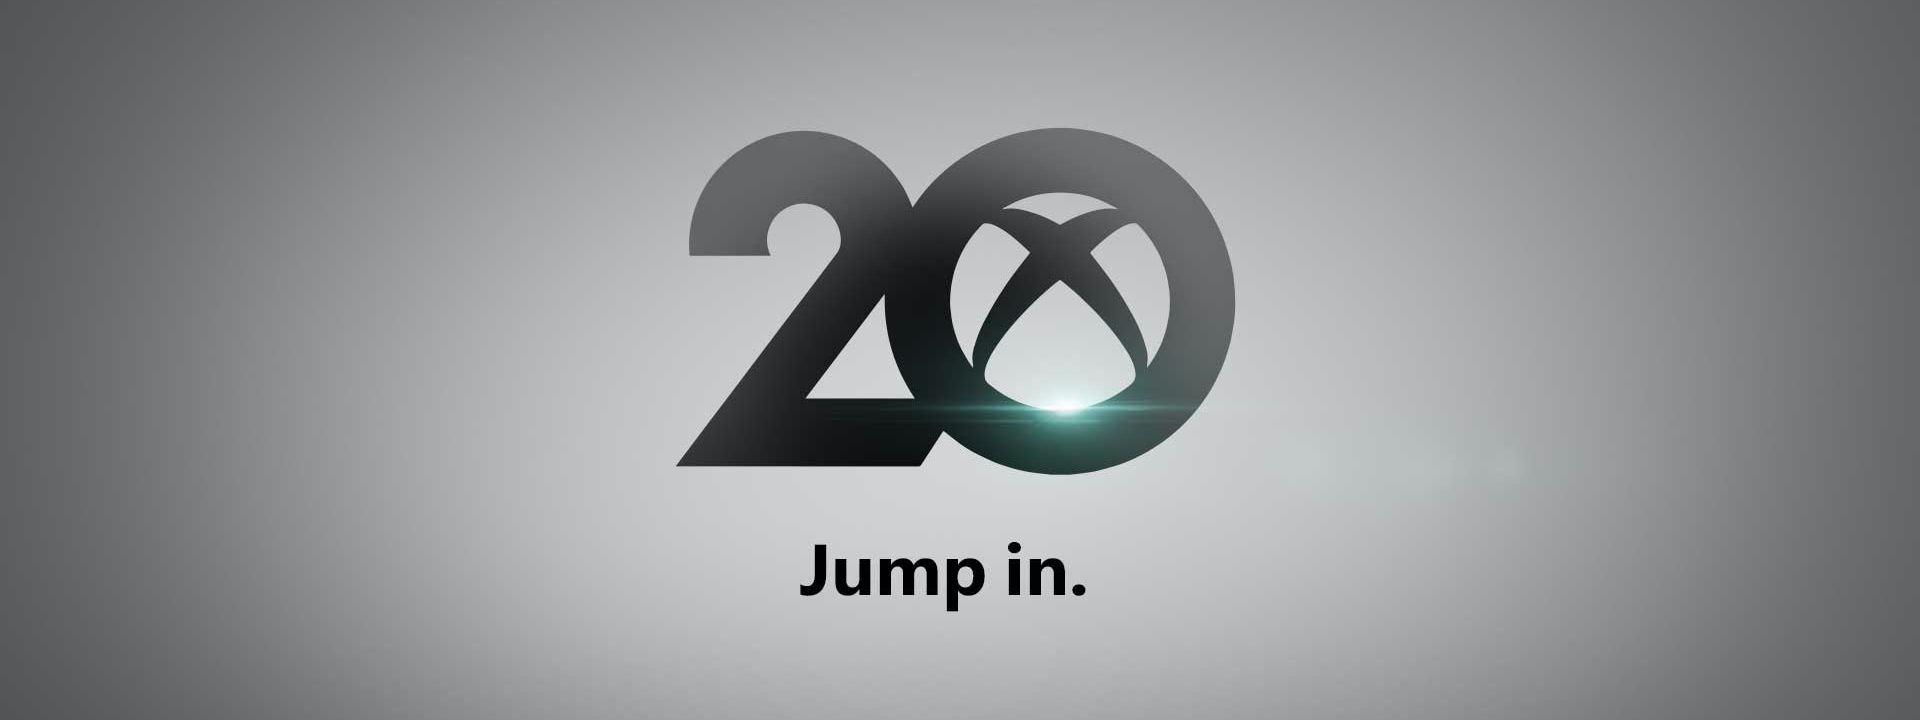 20 sayısında bulunan 0 rakamının içine gömülü Xbox bağlantı logosunun bulunduğu açık gri arka plan. Alt kısımda jump in ifadesinin yer aldığı metin